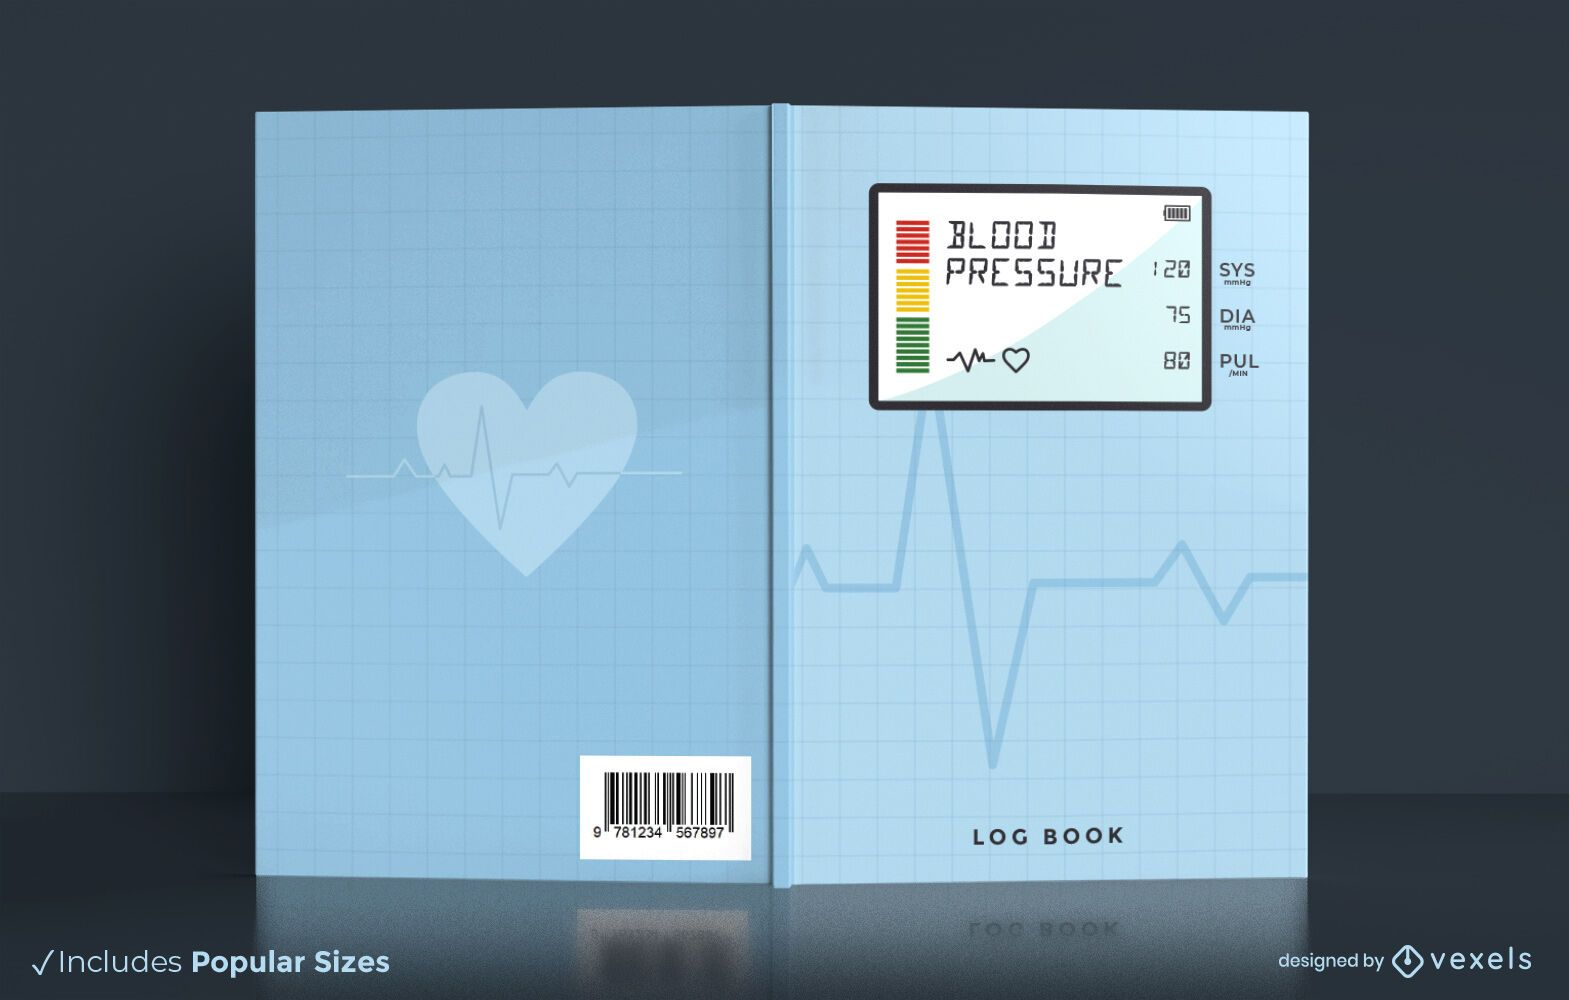 Diseño de portada de libro de registro de presión arterial de salud